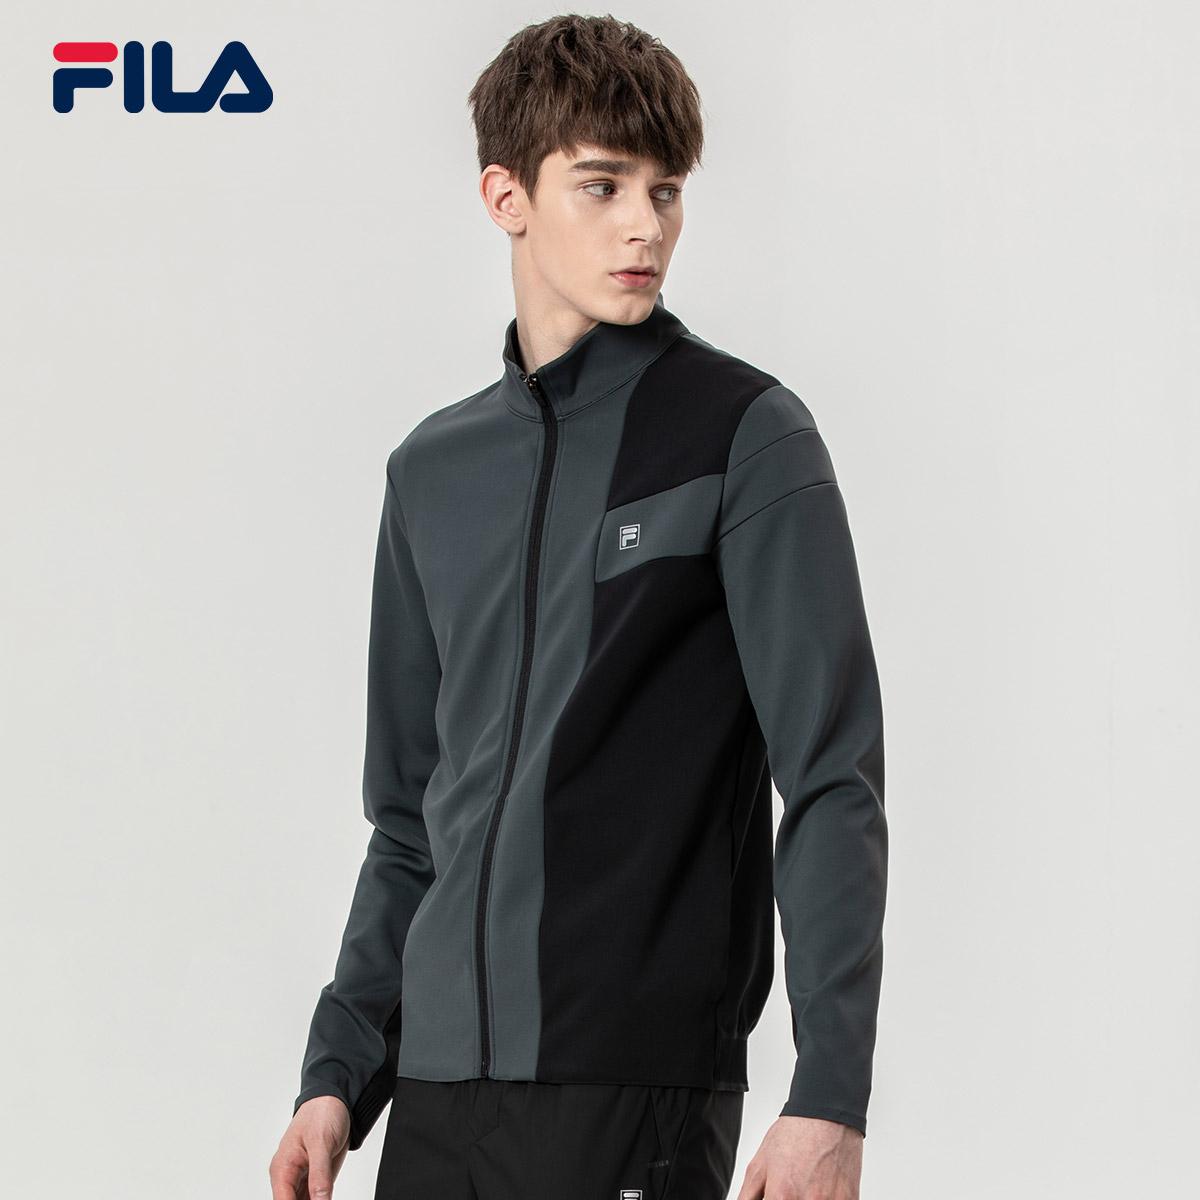 FILA斐乐男外套2018秋季新款休闲运动简约时尚外套男上衣